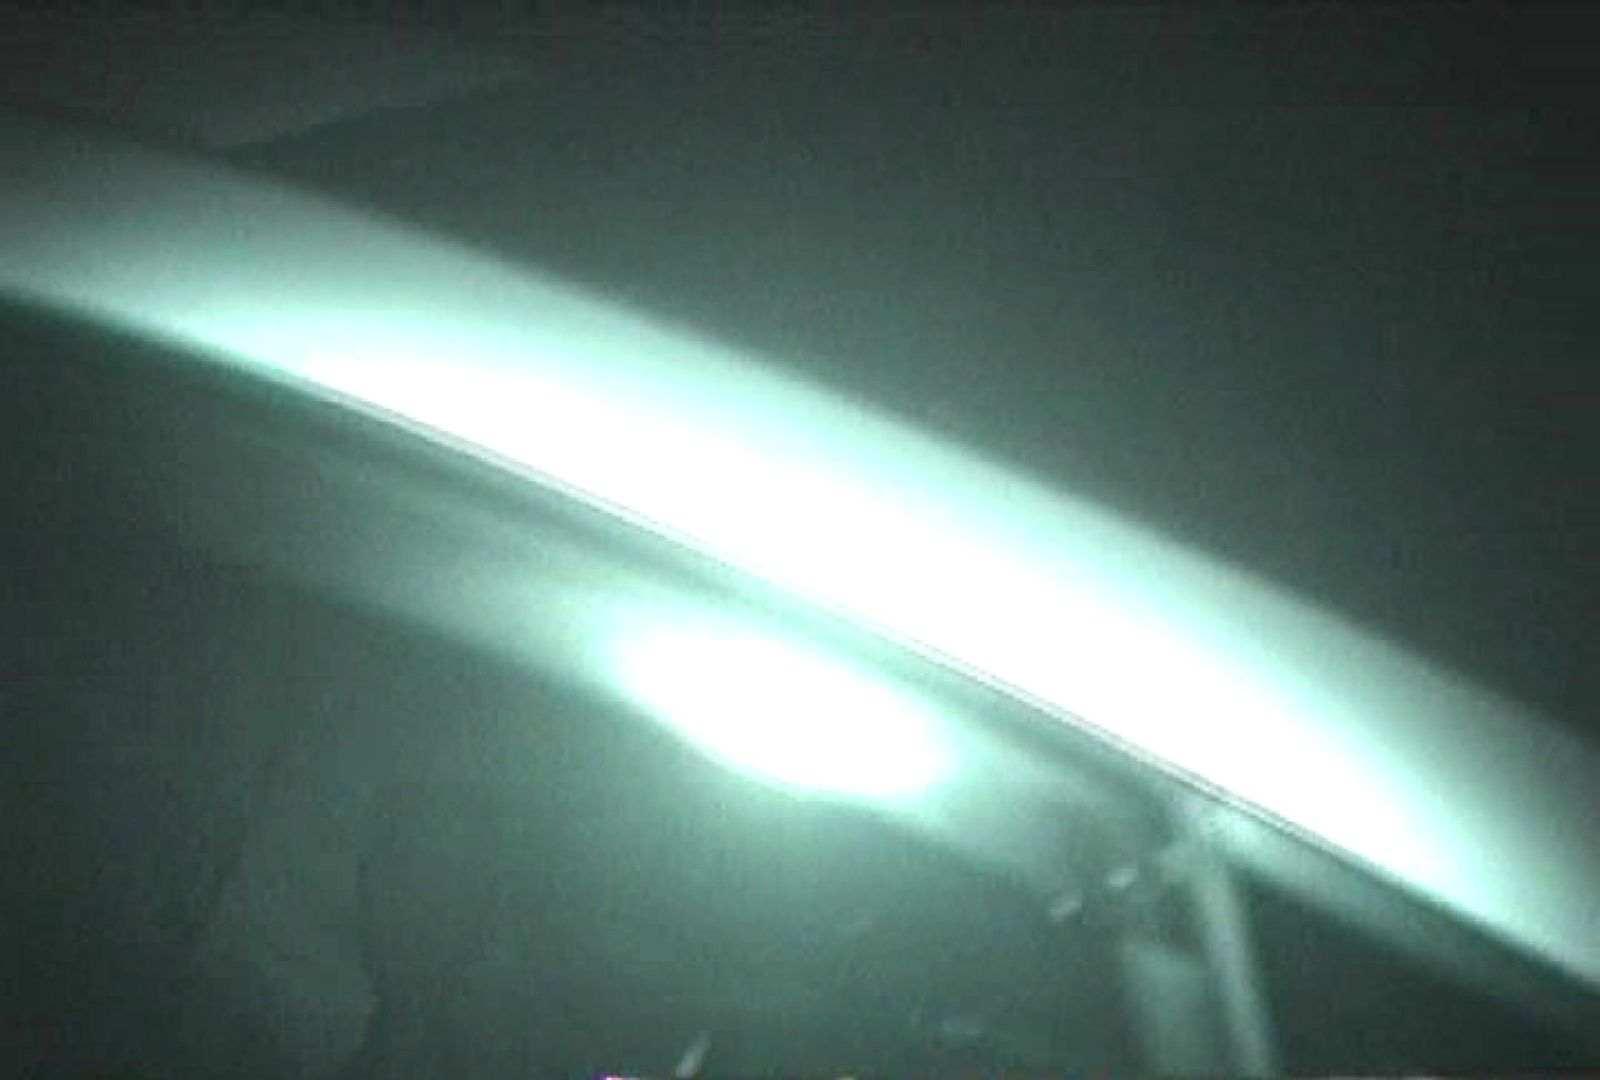 充血監督の深夜の運動会Vol.61 エロティックなOL オマンコ動画キャプチャ 102画像 102